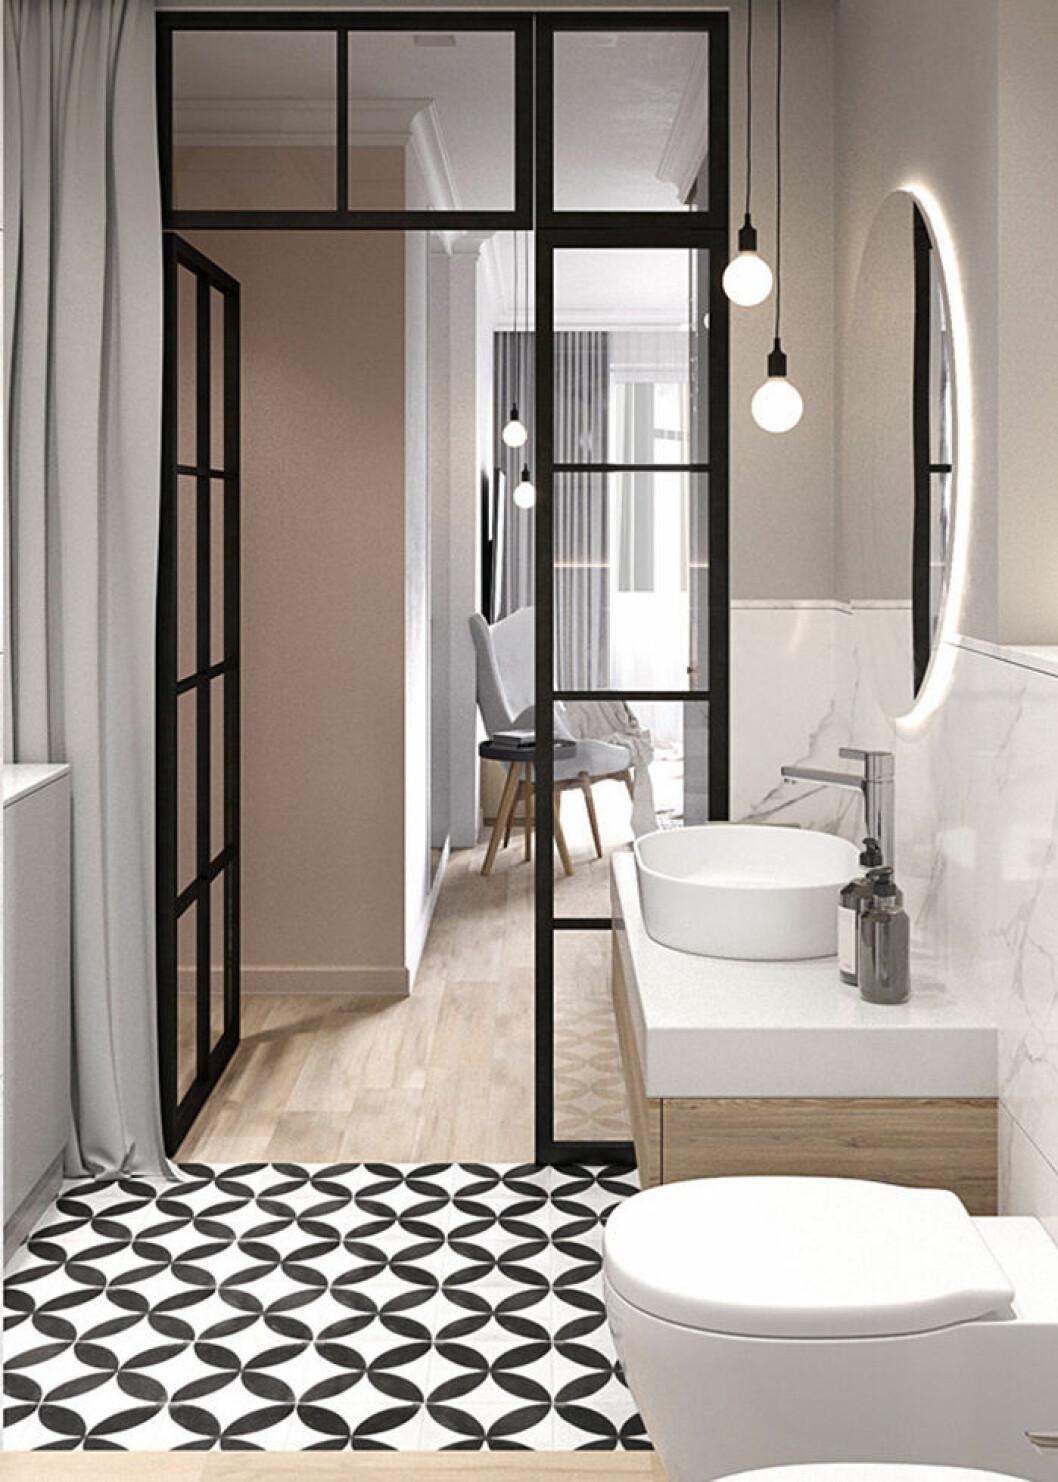 Mönstrade golv är en av inredningstrenderna 2019 – enligt Pinterest